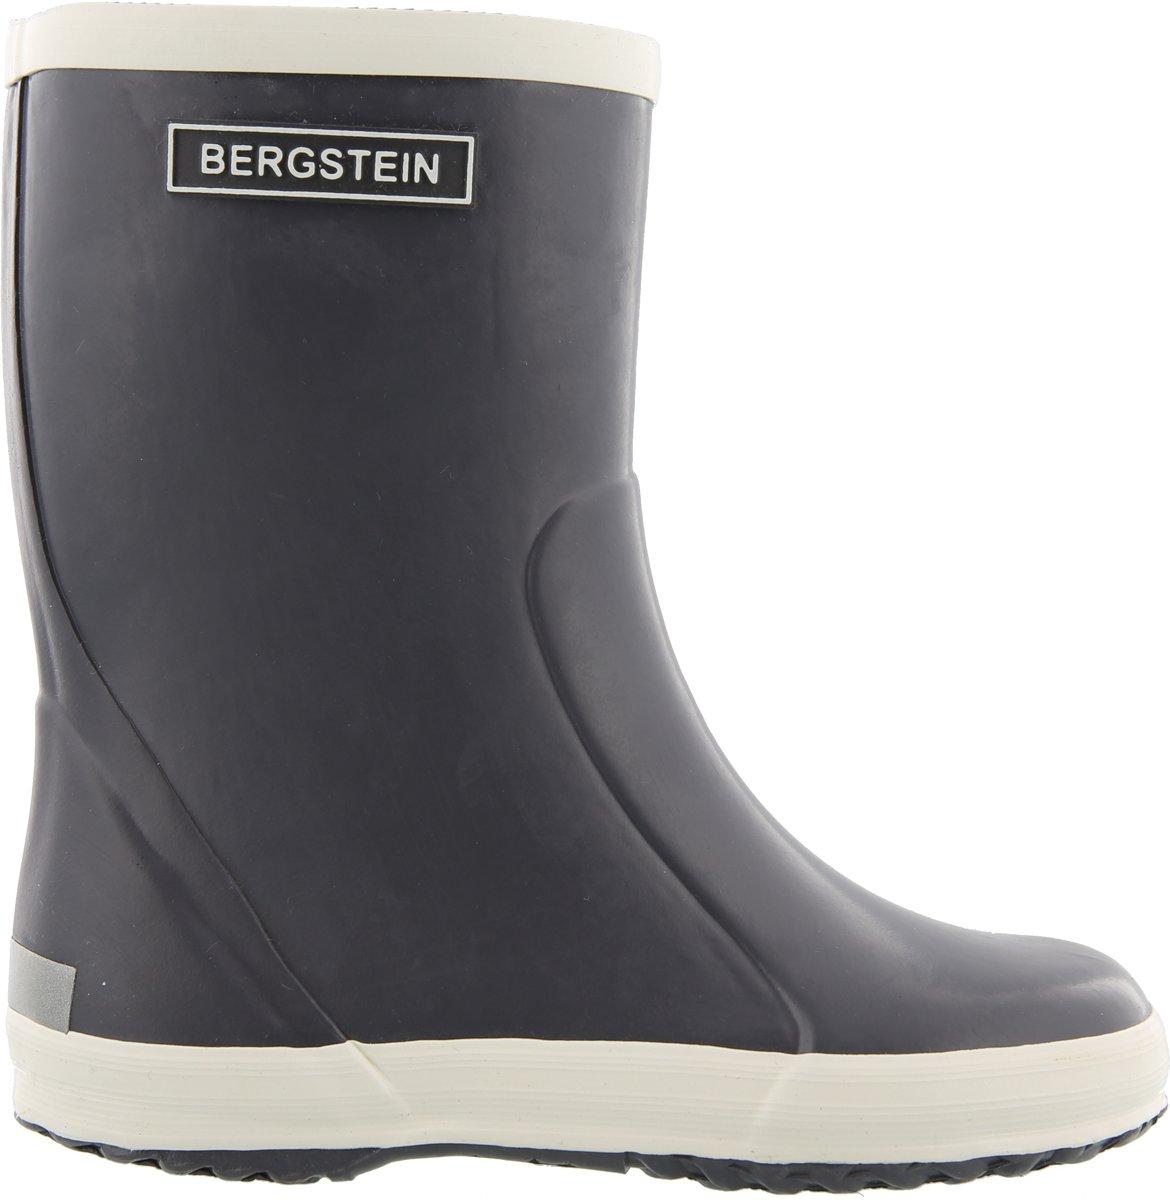 Bergstein Regenlaarzen Rainboot